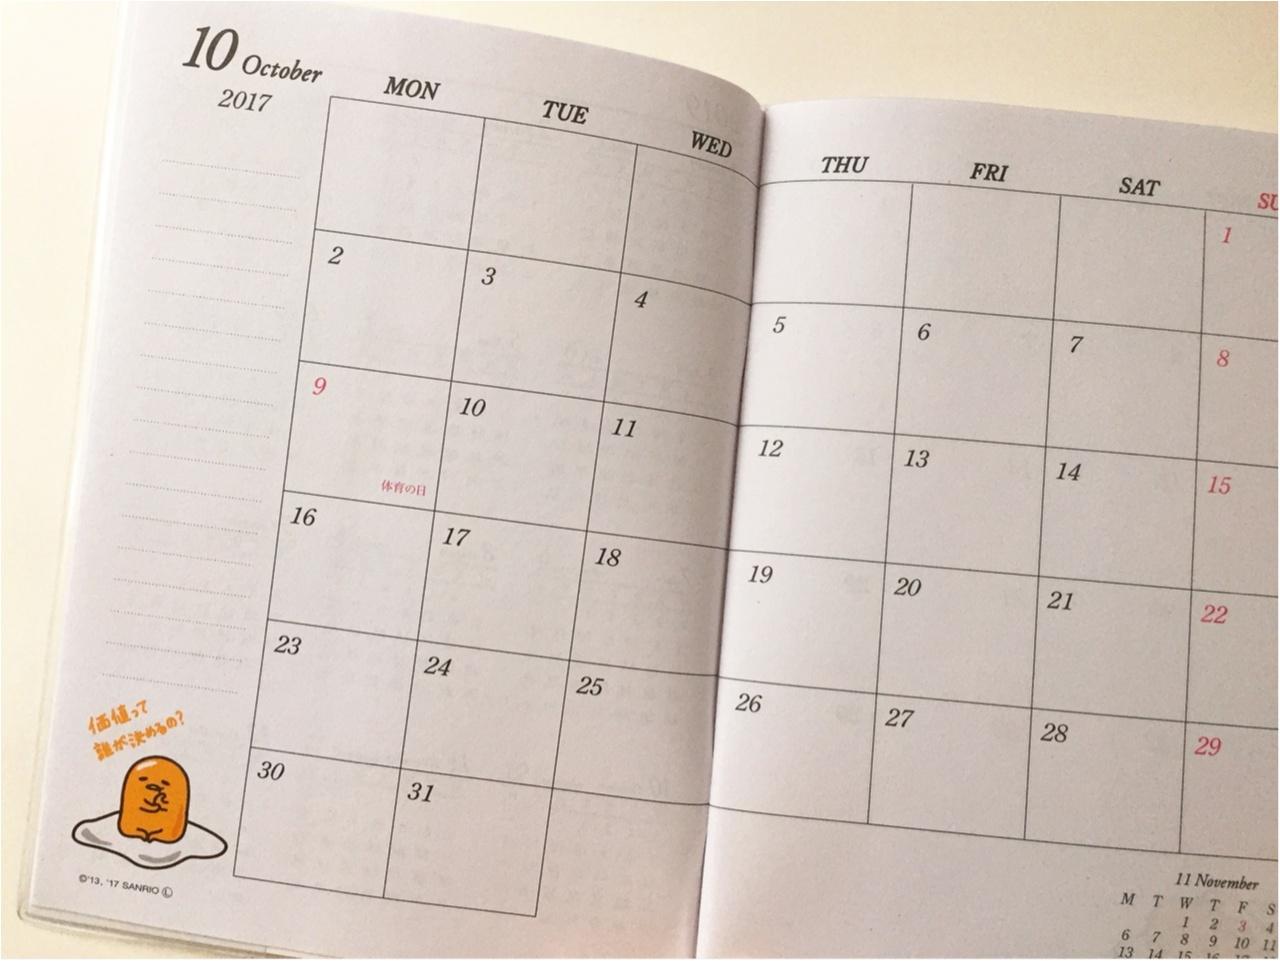 2018年のスケジュール帳はどうする?【ダイソー】のスケジュール帳グッズが種類豊富で可愛くて実用的でとにかくすごい!!_3